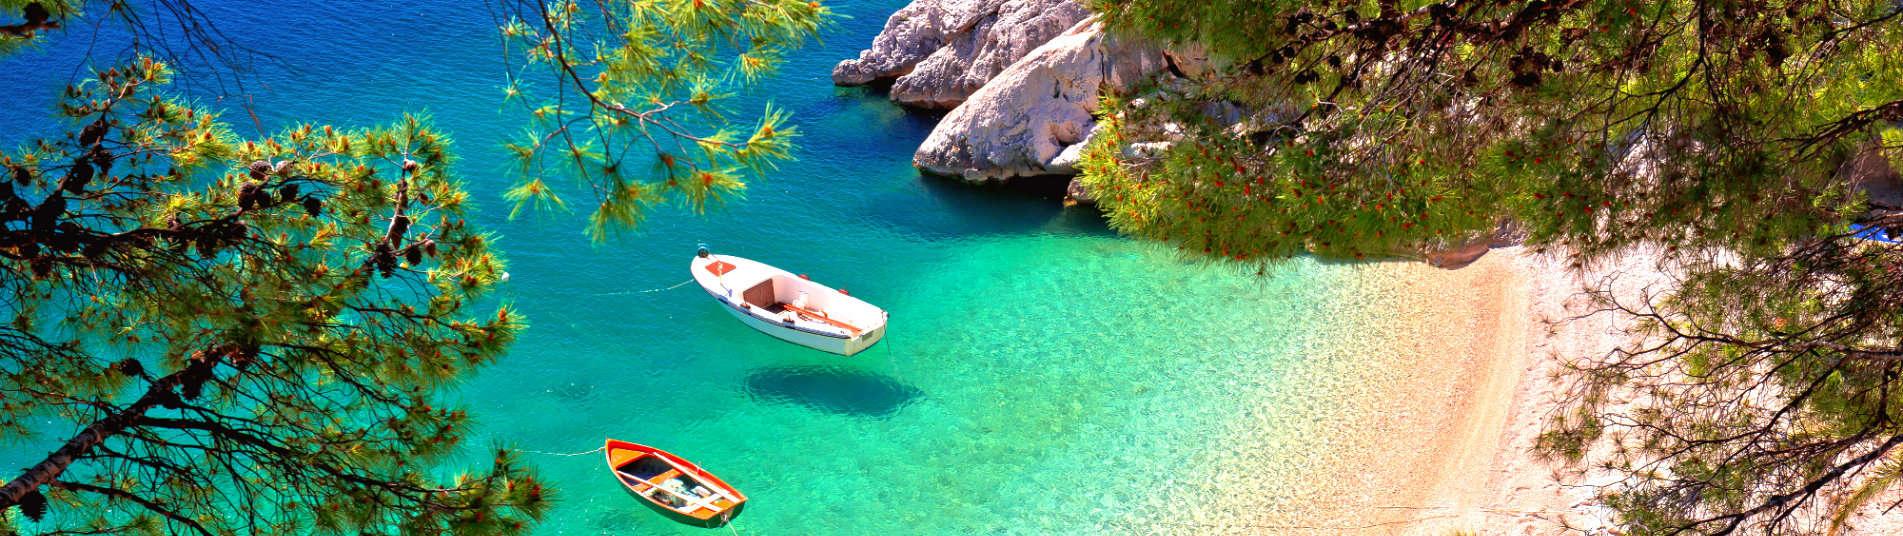 Plage de la côte Dalmate en Croatie